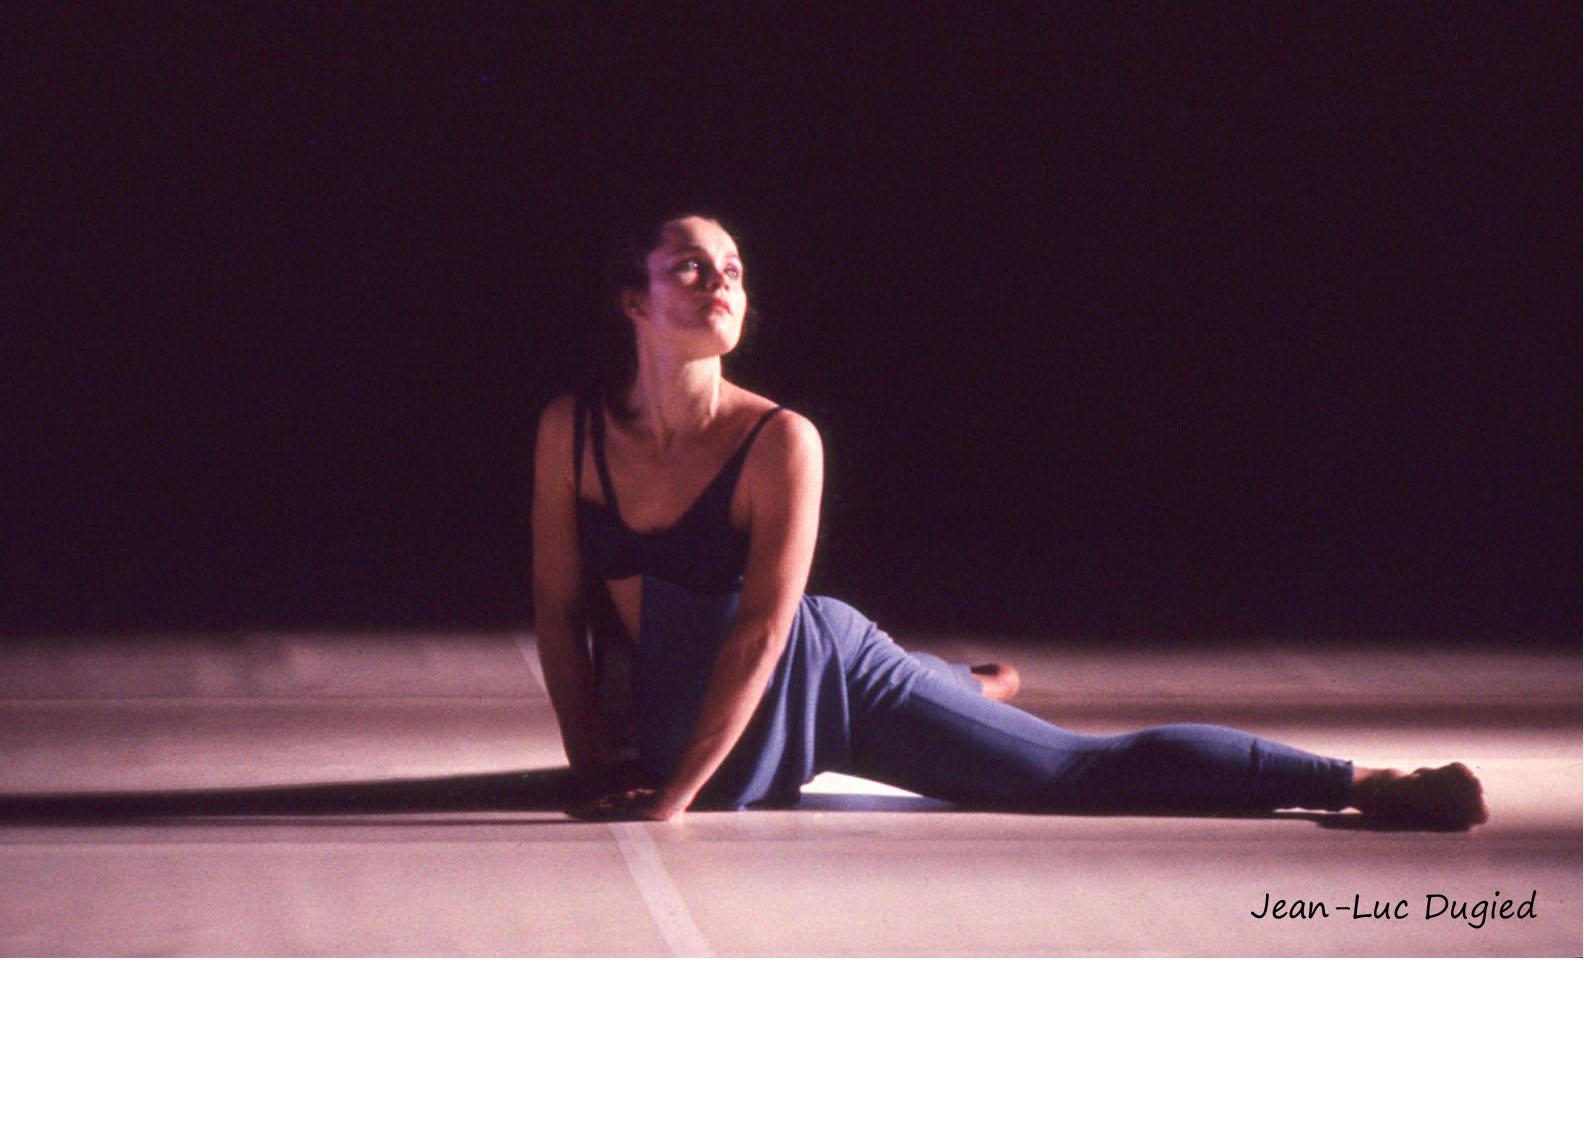 22 Dobbels Daniel - noli me tangere - Christine Bastin - 1985